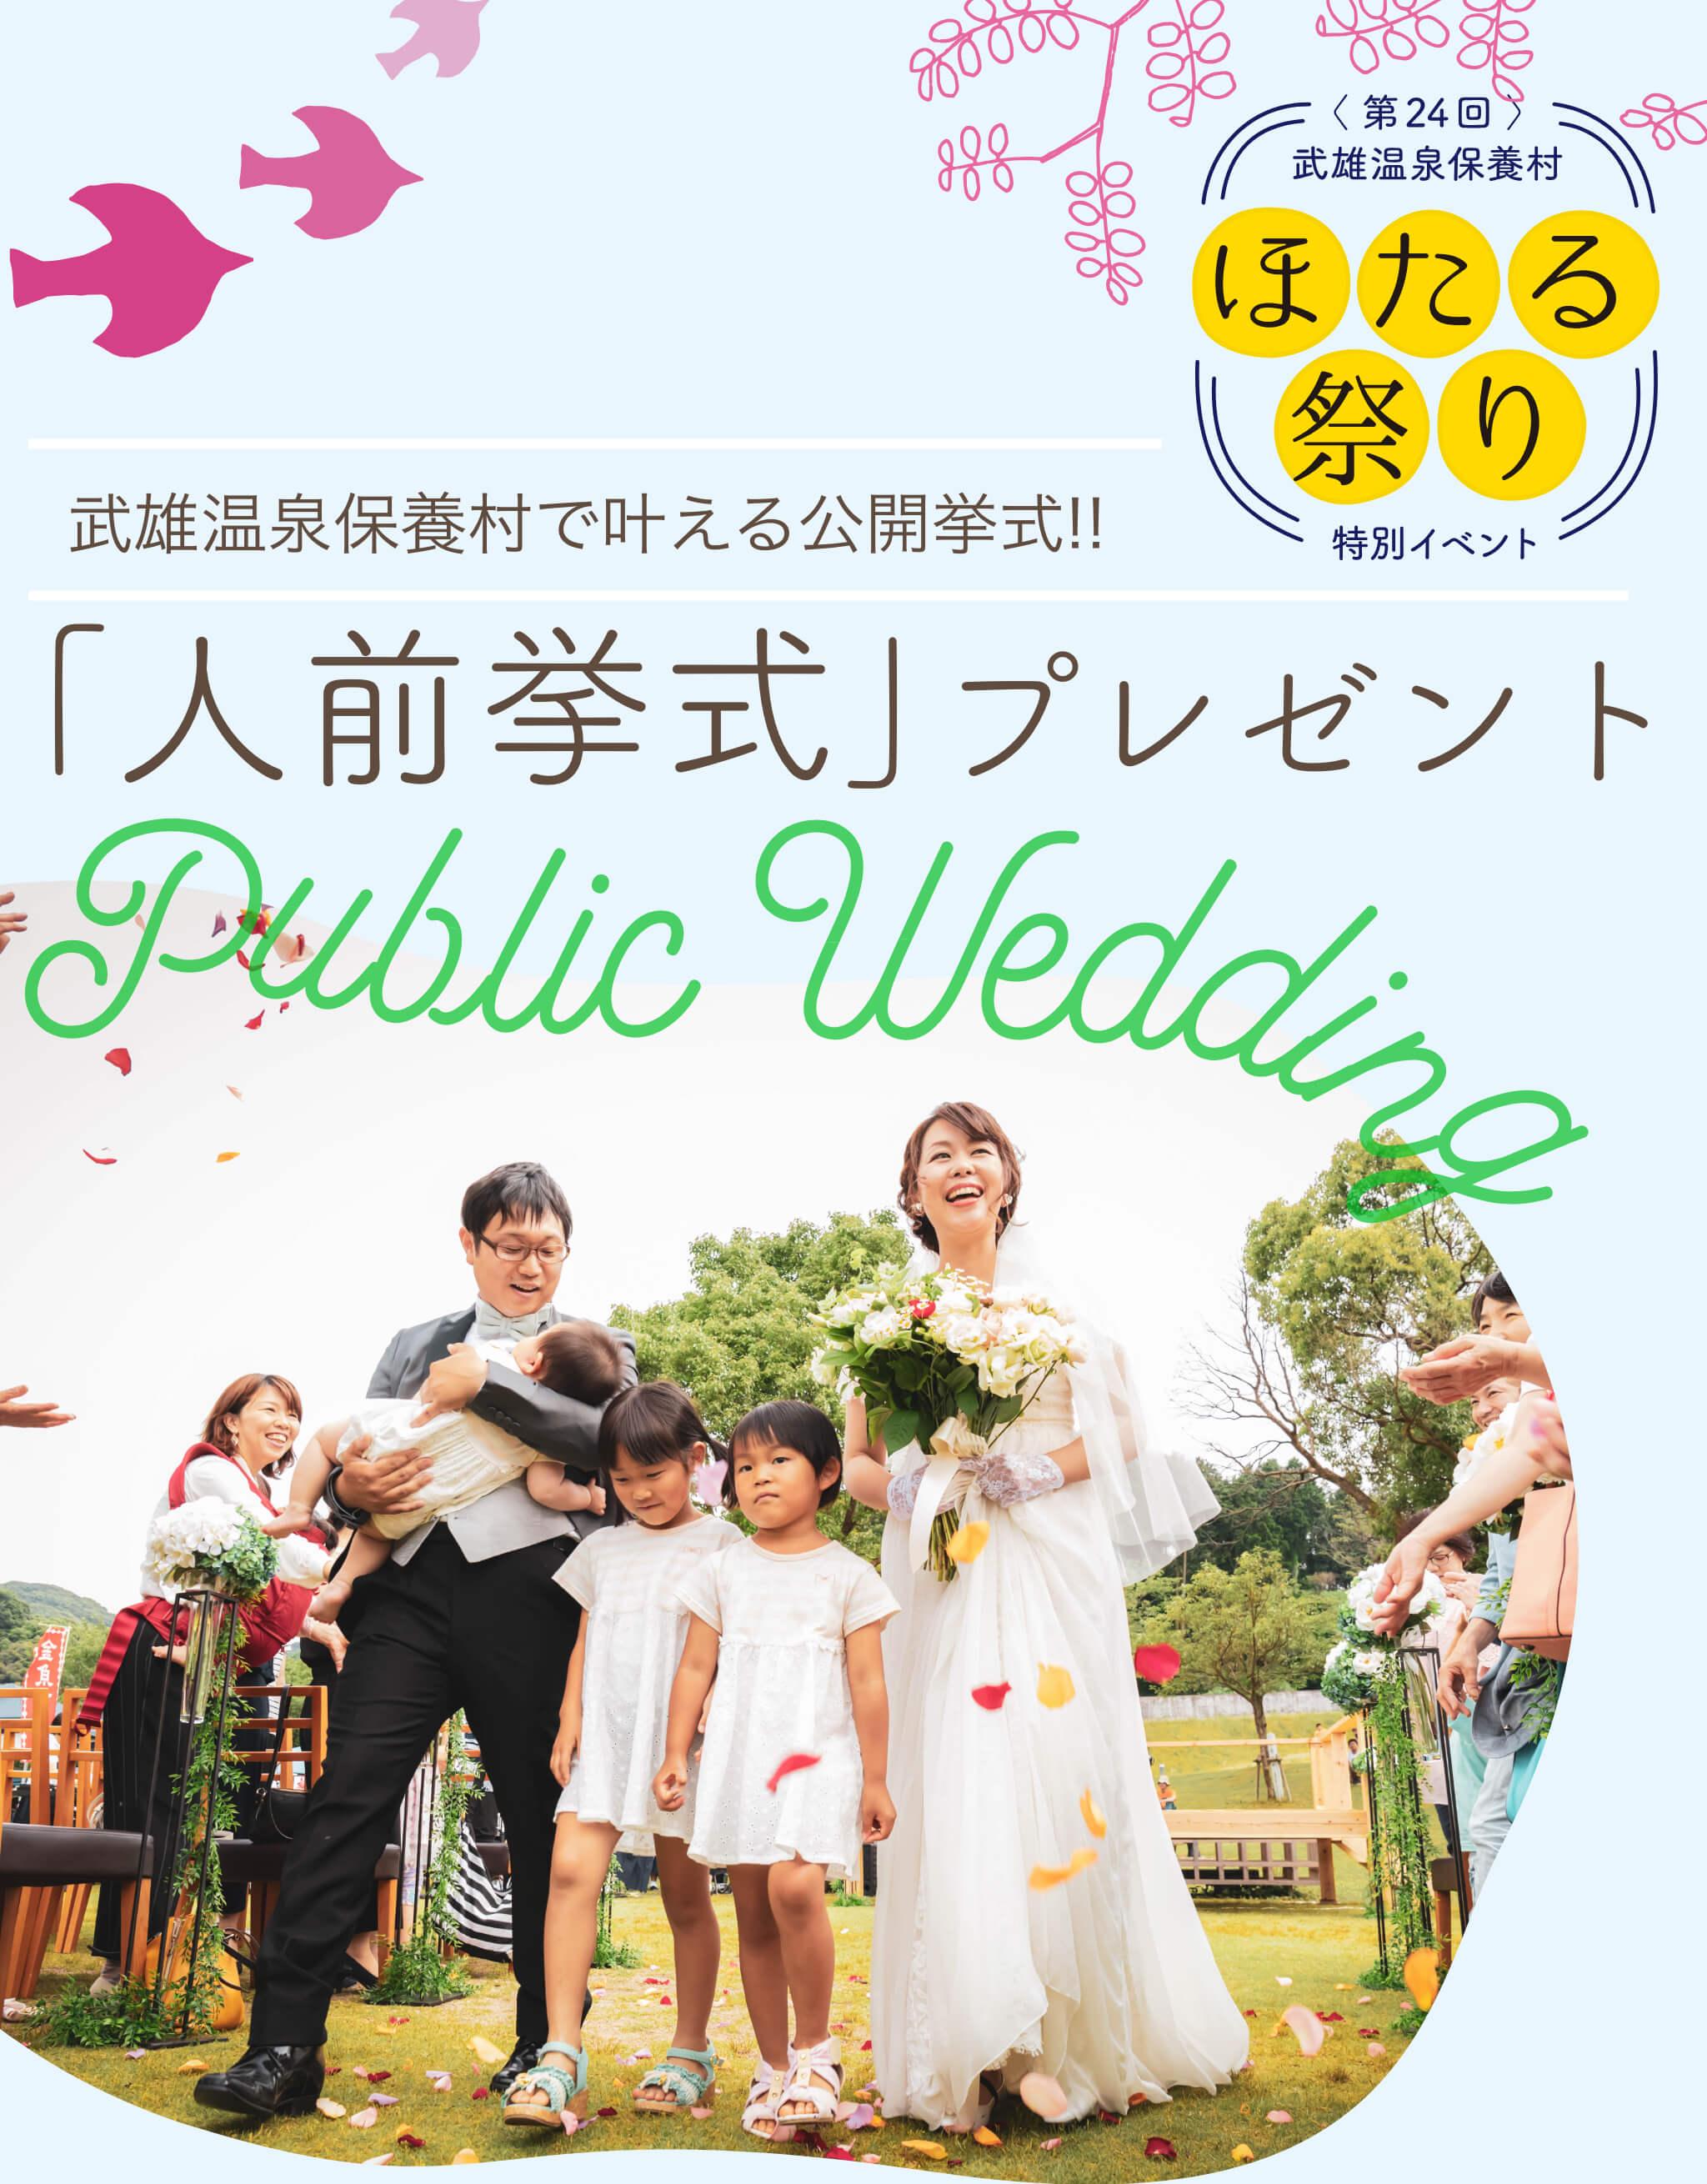 保養村で結婚式